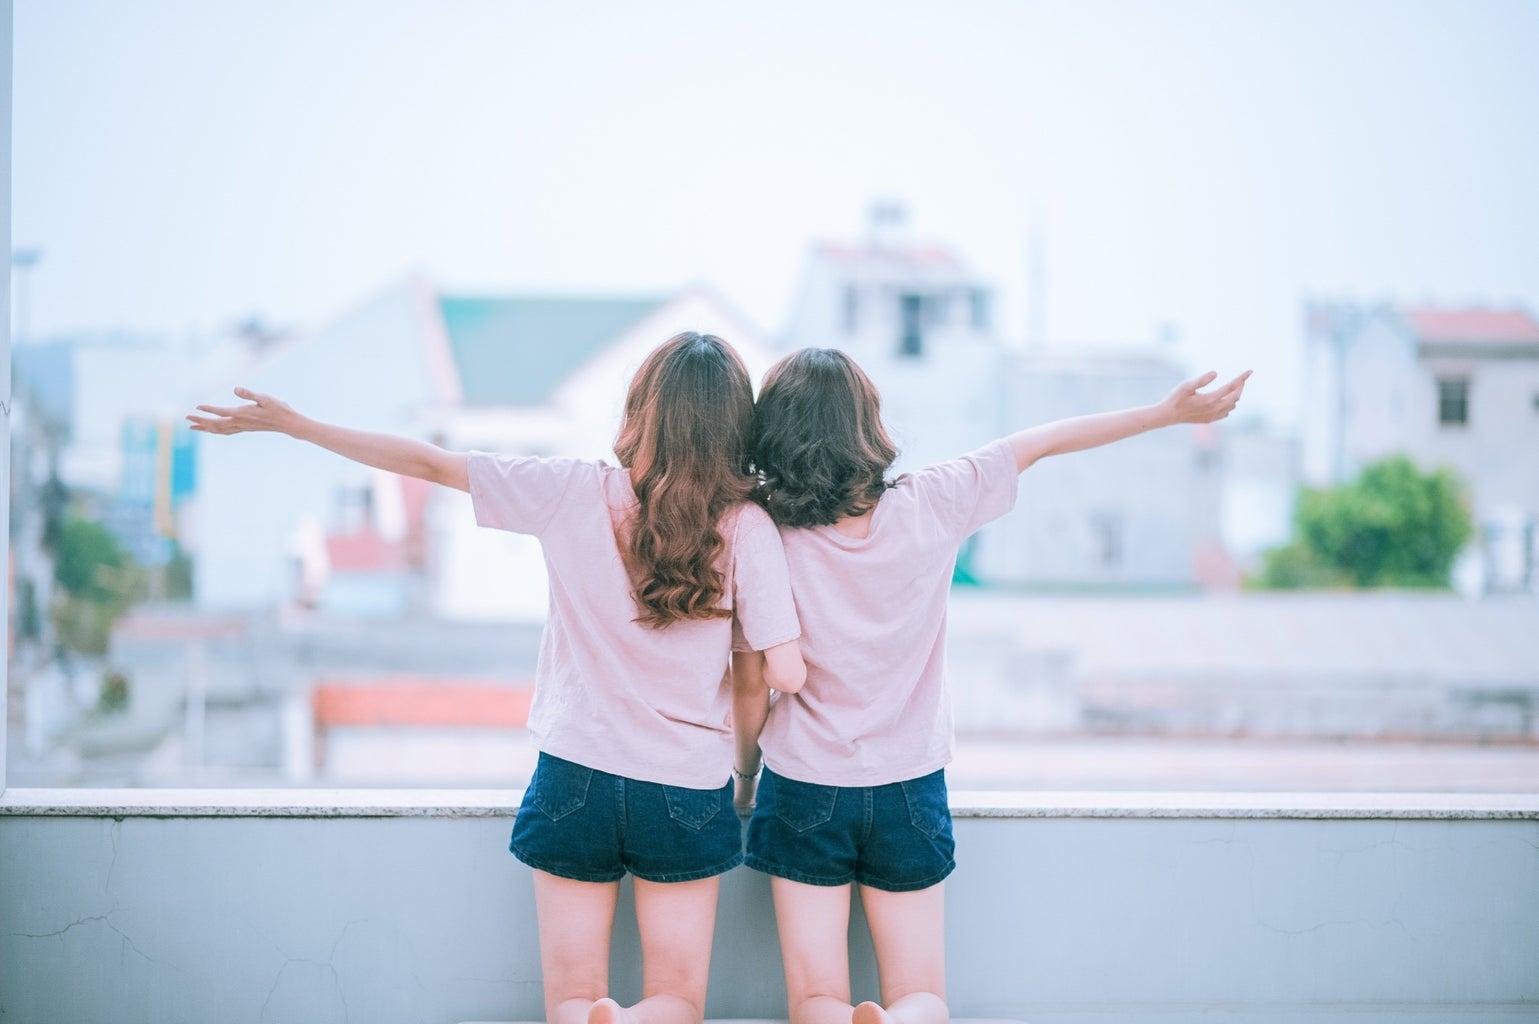 Two Women on Balcony